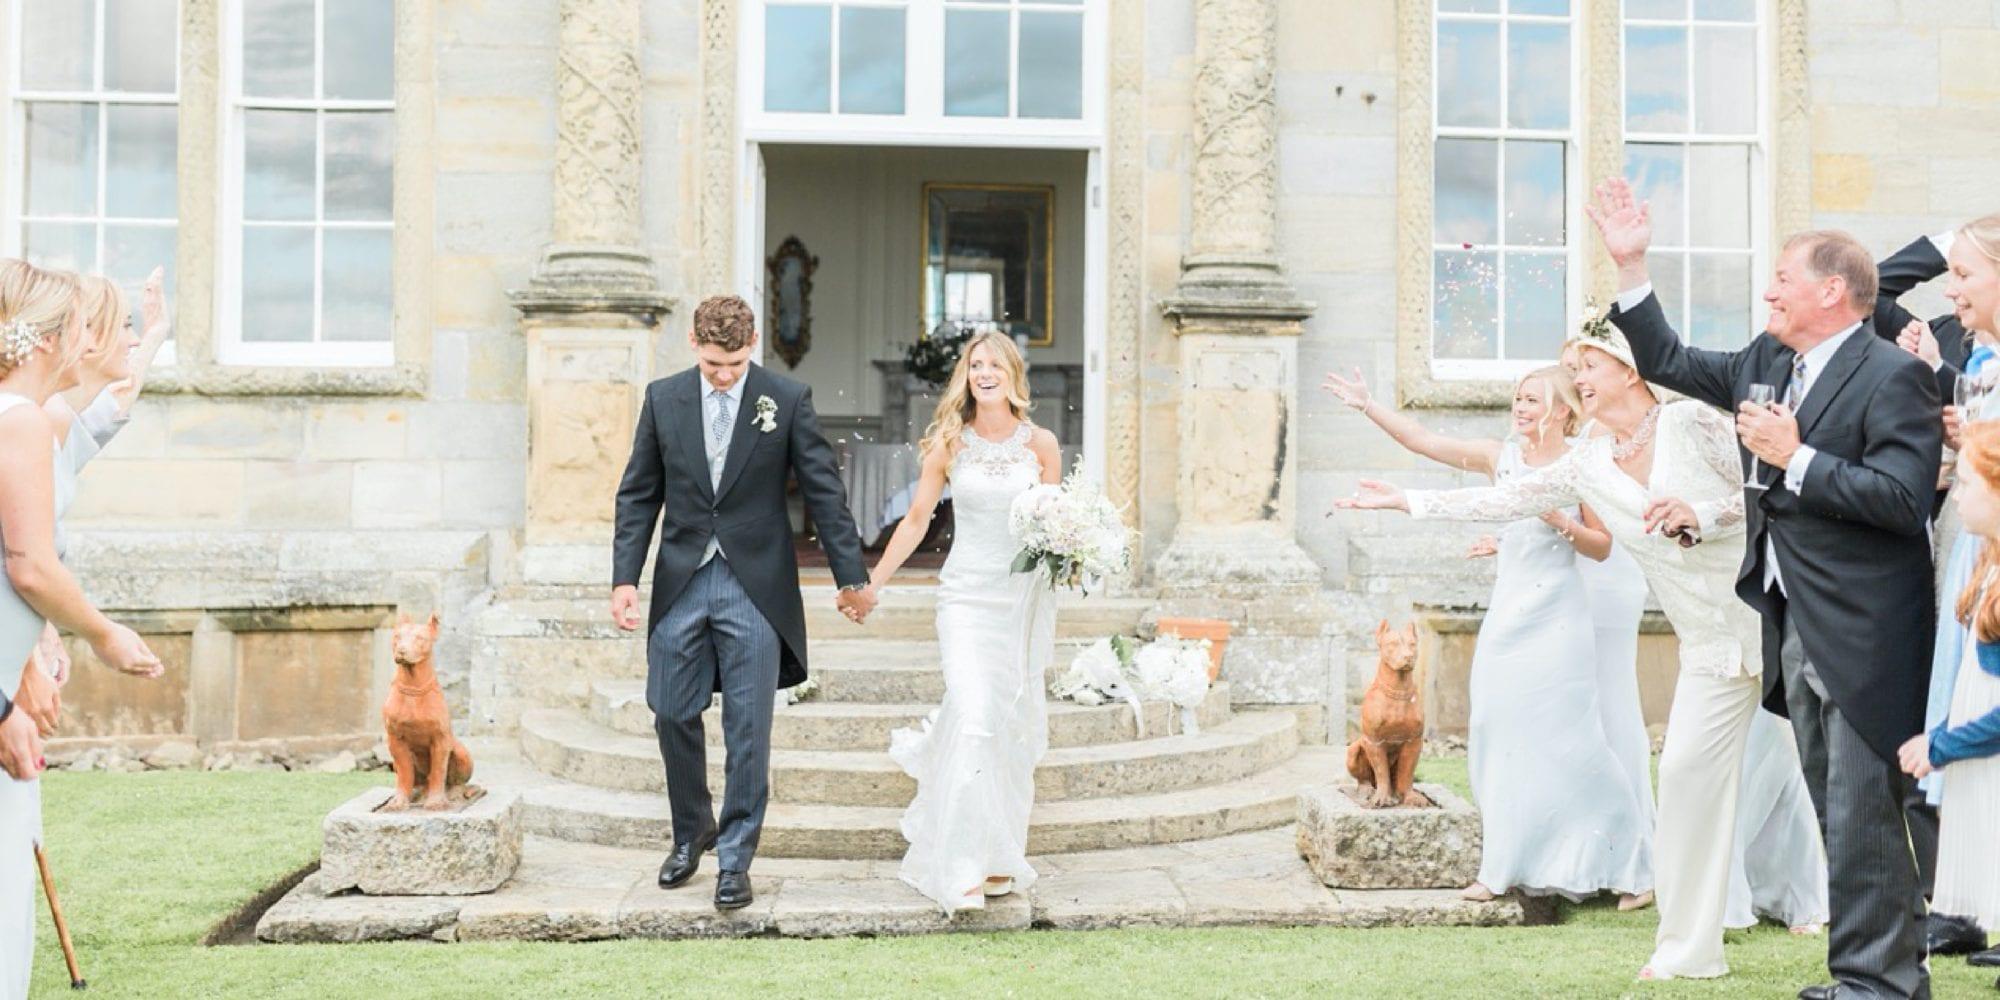 Weddings at Capheaton Hall